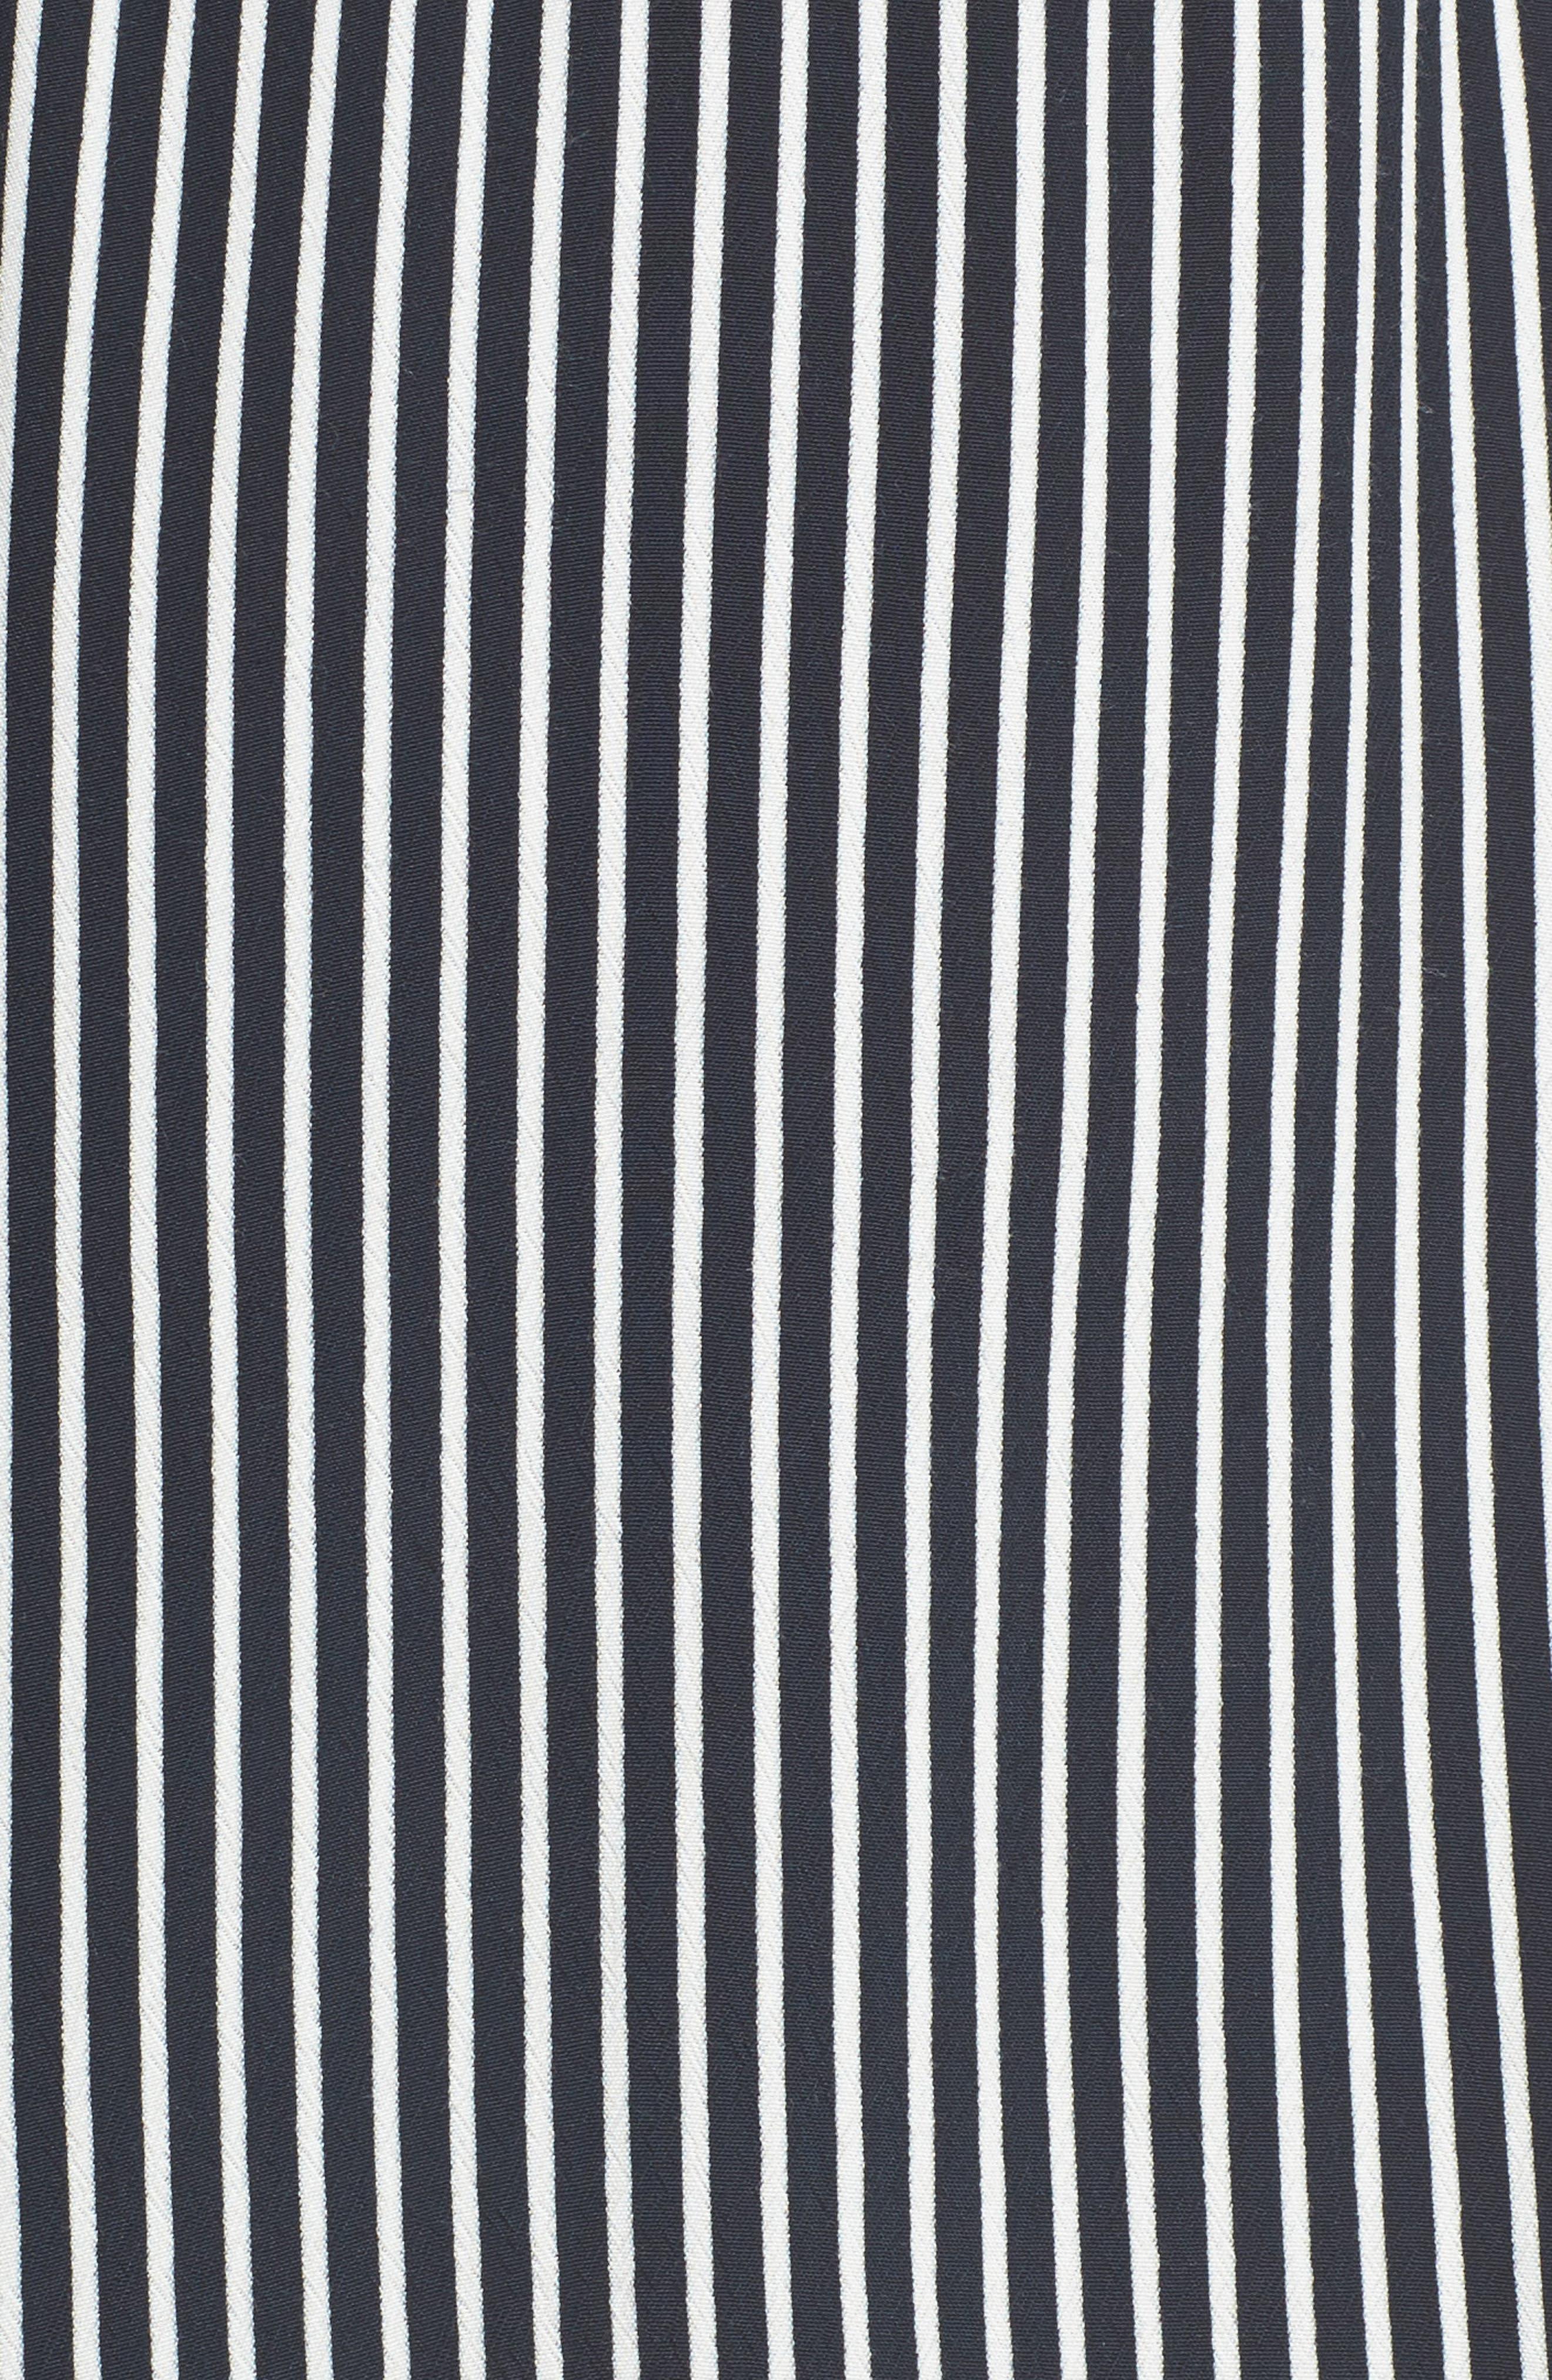 Neroli Stripe Dress,                             Alternate thumbnail 6, color,                             400